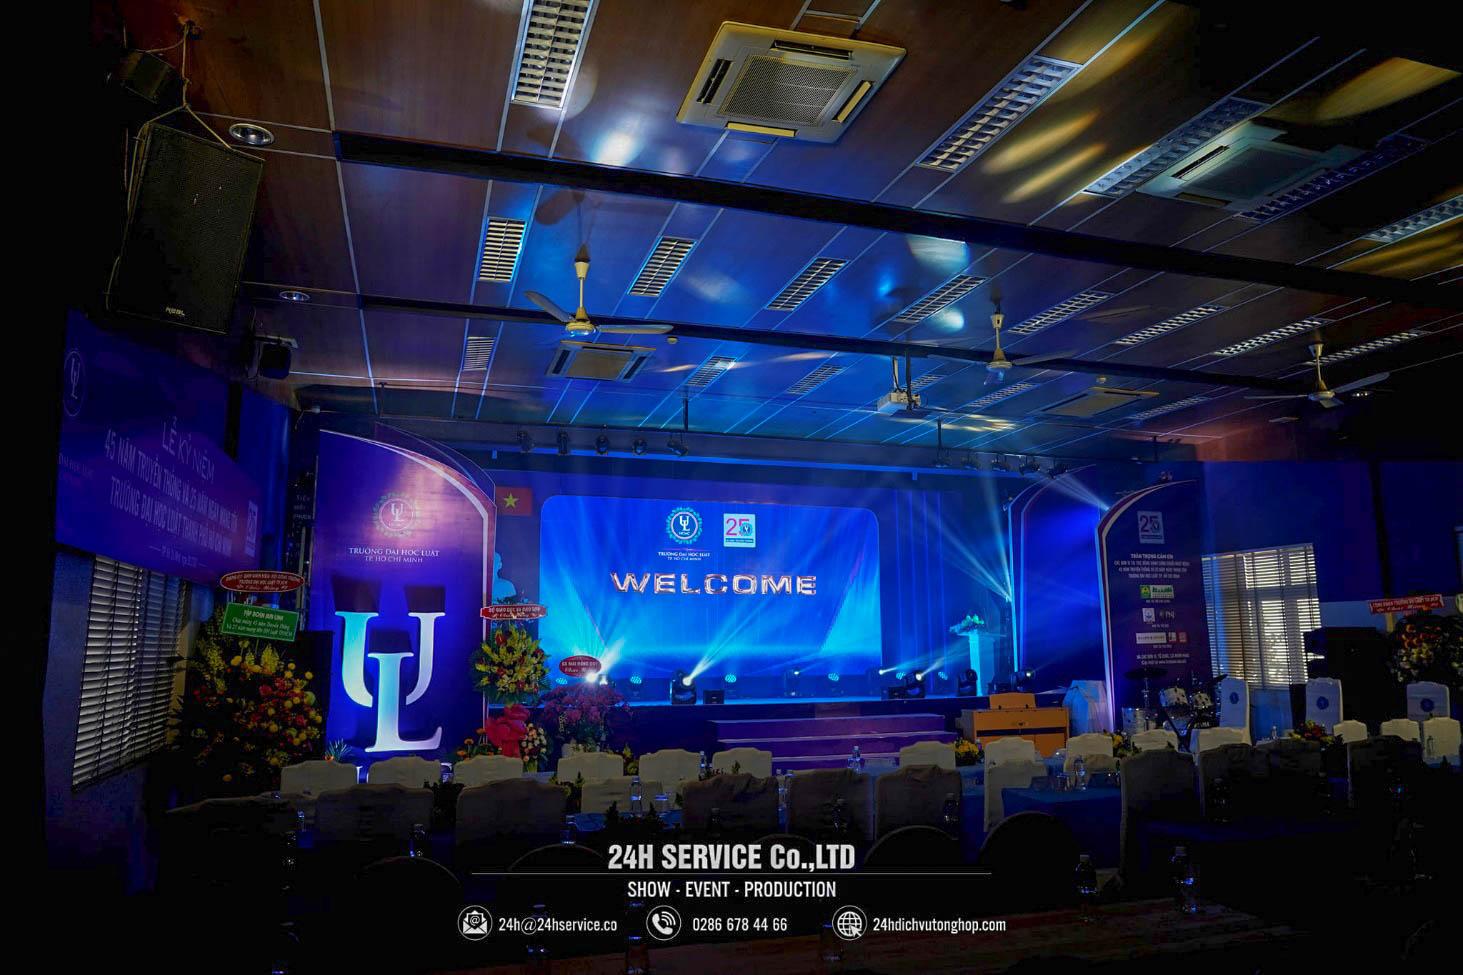 Sân khấu trang trọng được thiết kế dựa trên hiện trạng sẵn có của Hội trường